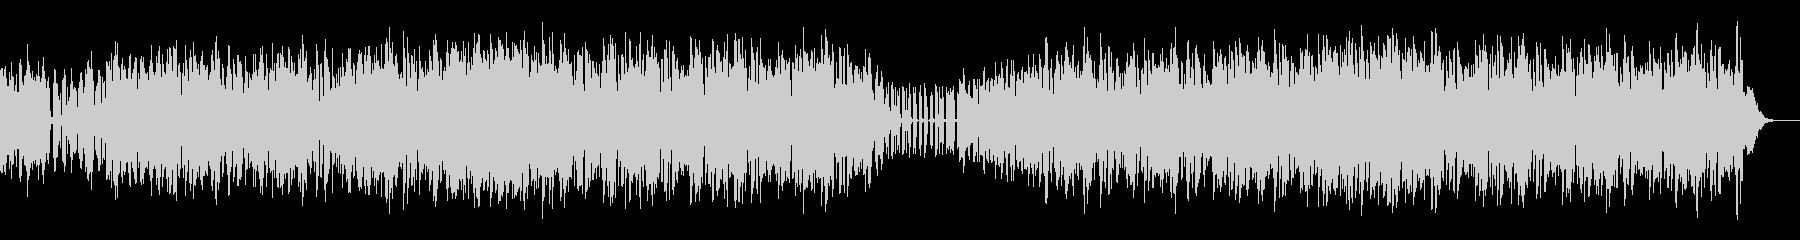 ボイスで構成されたパーッカッシブなテクノの未再生の波形